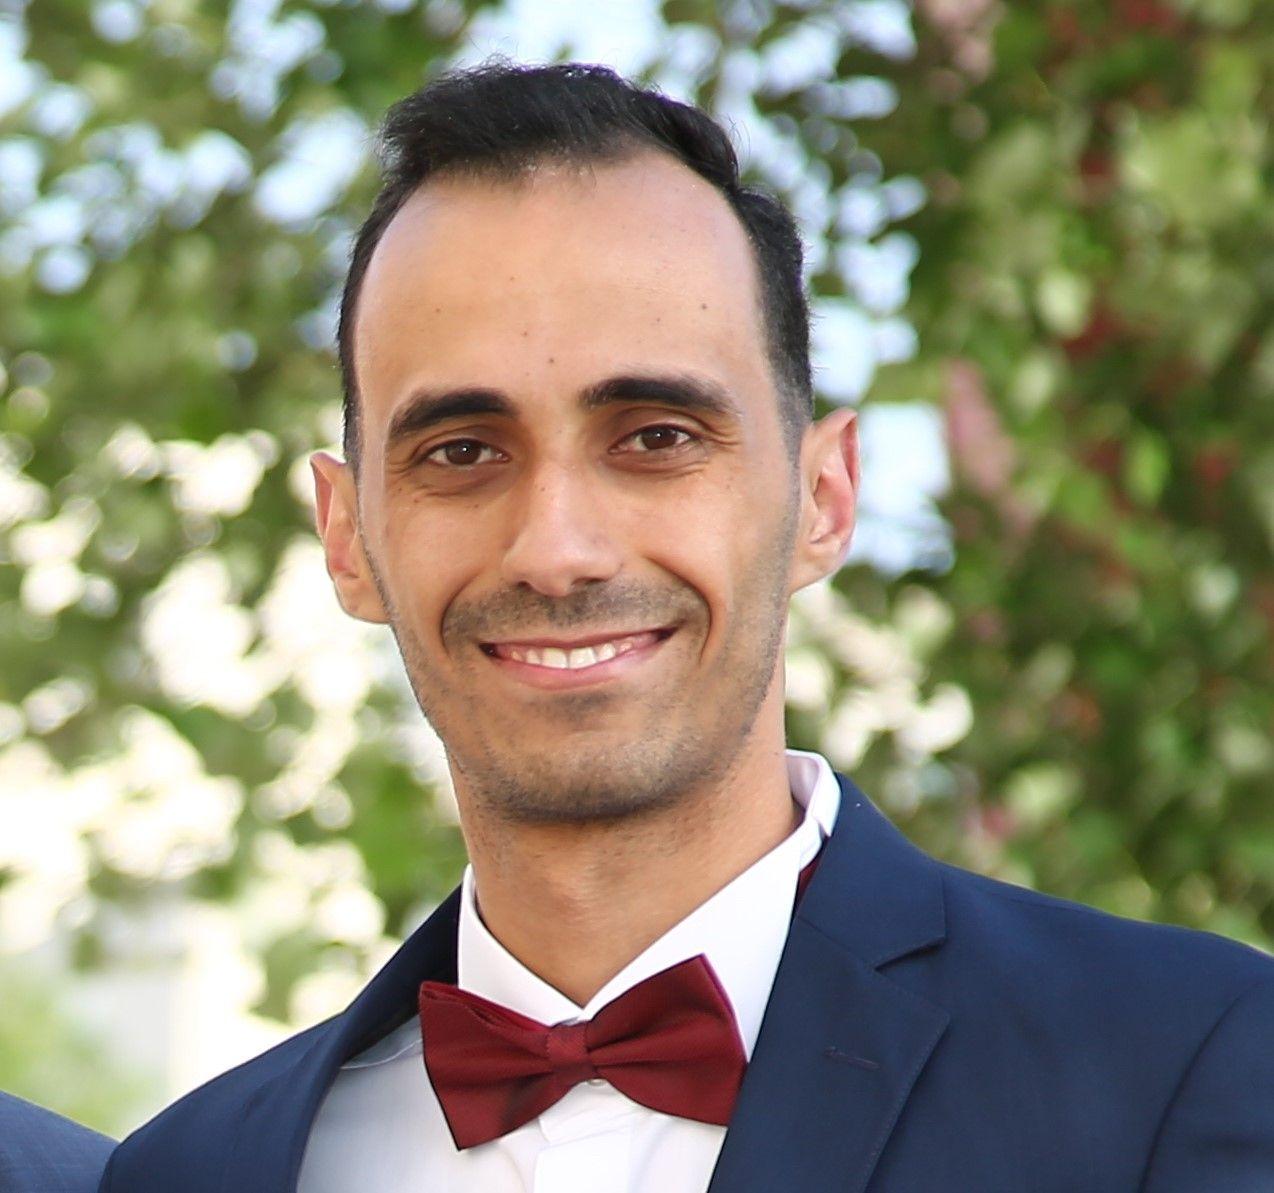 In conversation with Ahmed Hashlamon of Mashvisor